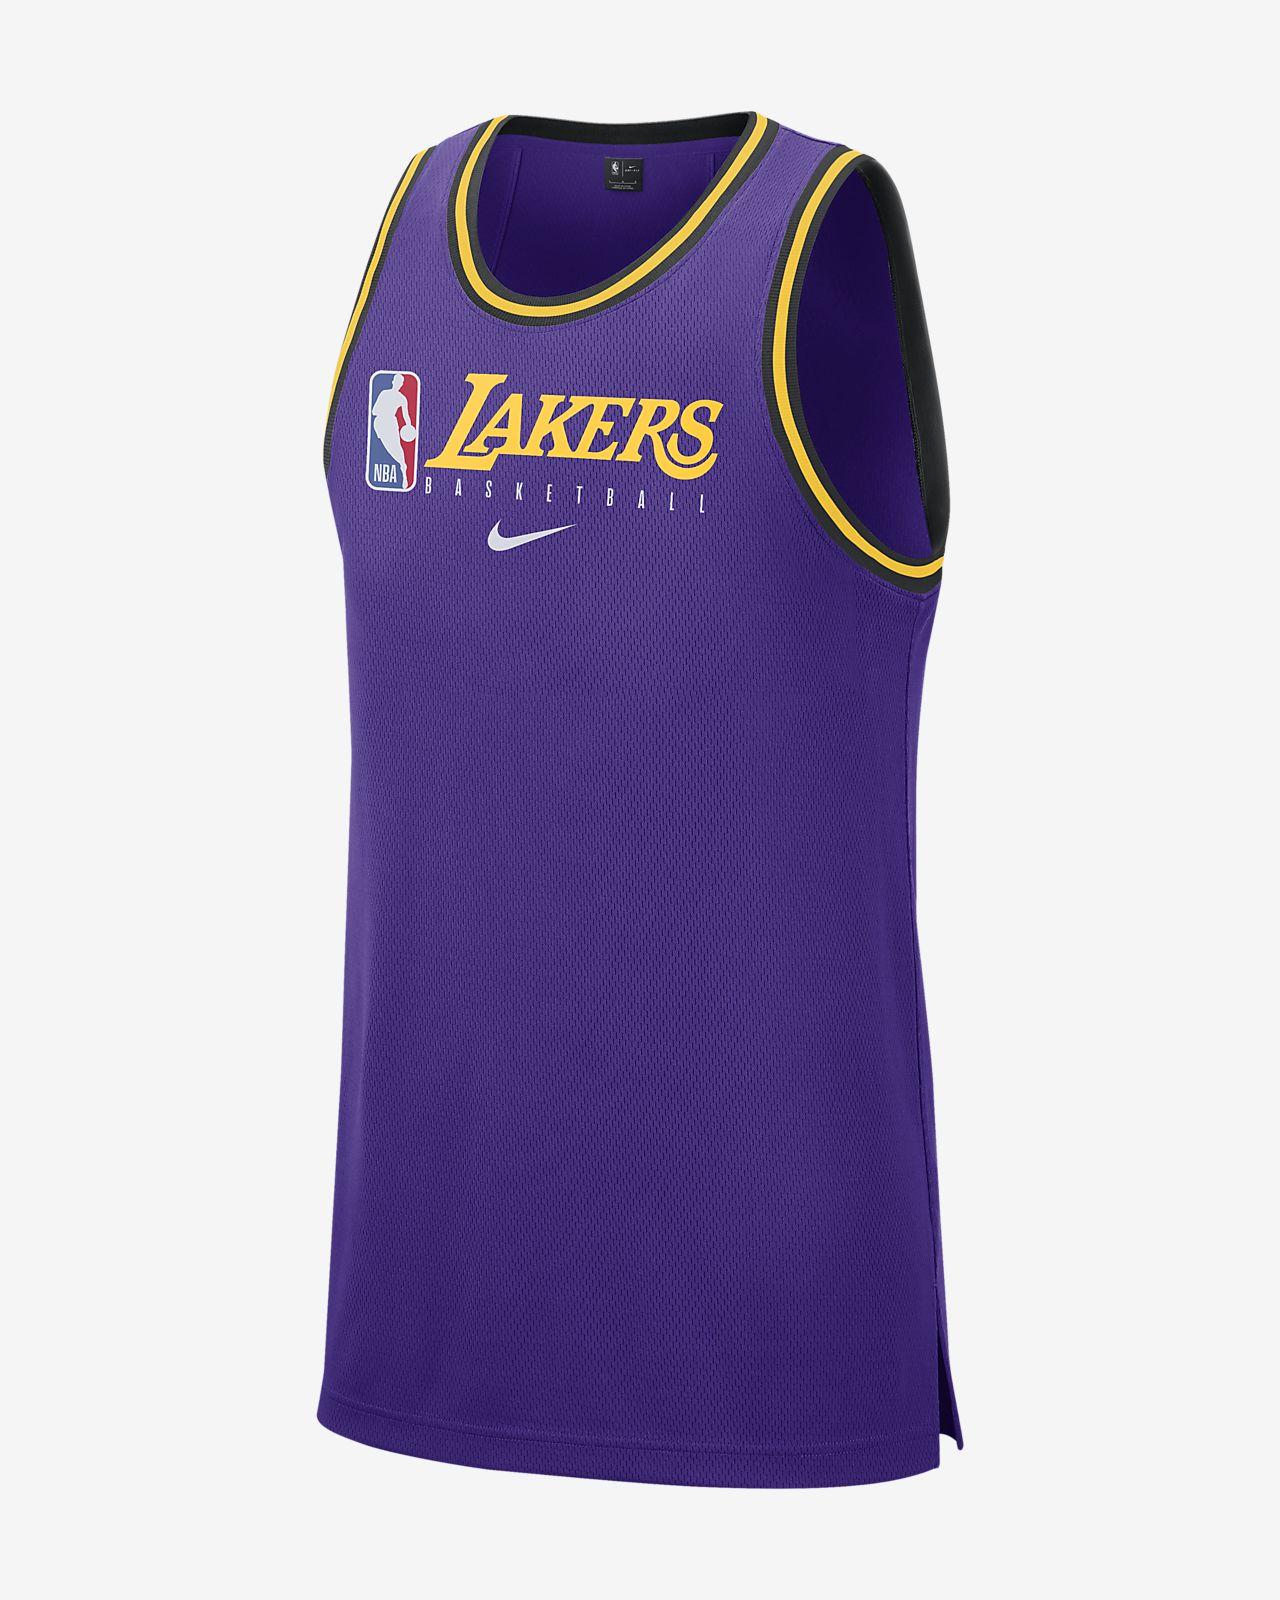 nuovi stili San Francisco in vendita all'ingrosso Canotta Los Angeles Lakers Nike Dri-FIT NBA - Uomo. Nike CH